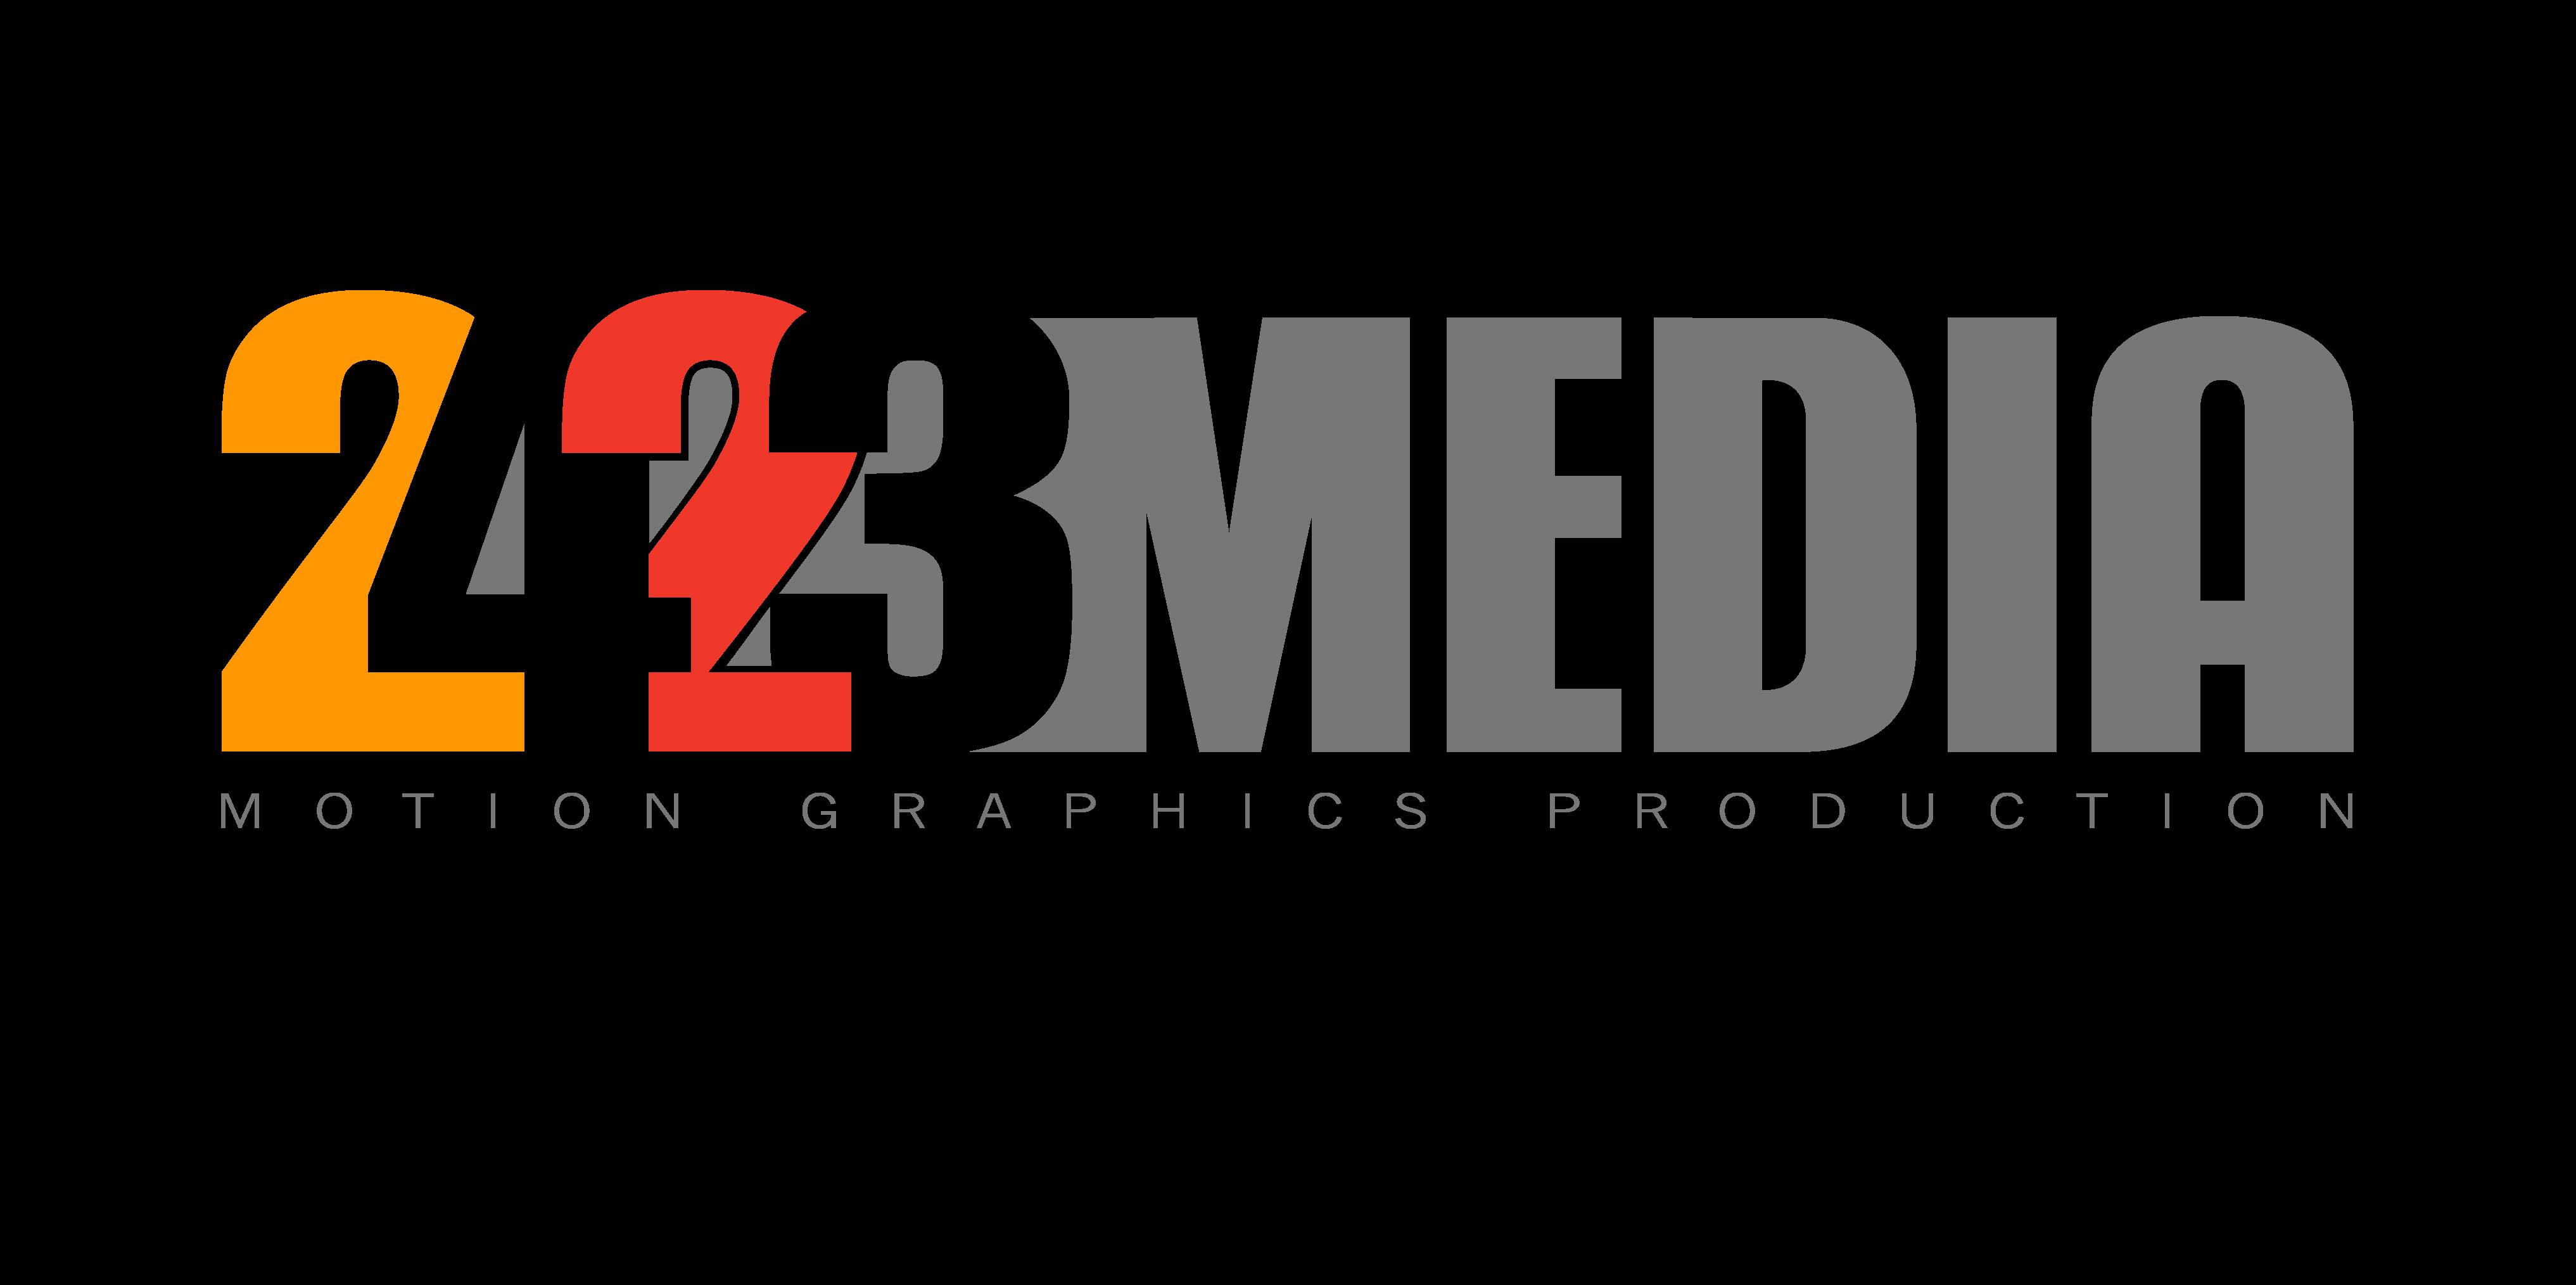 2423 Media